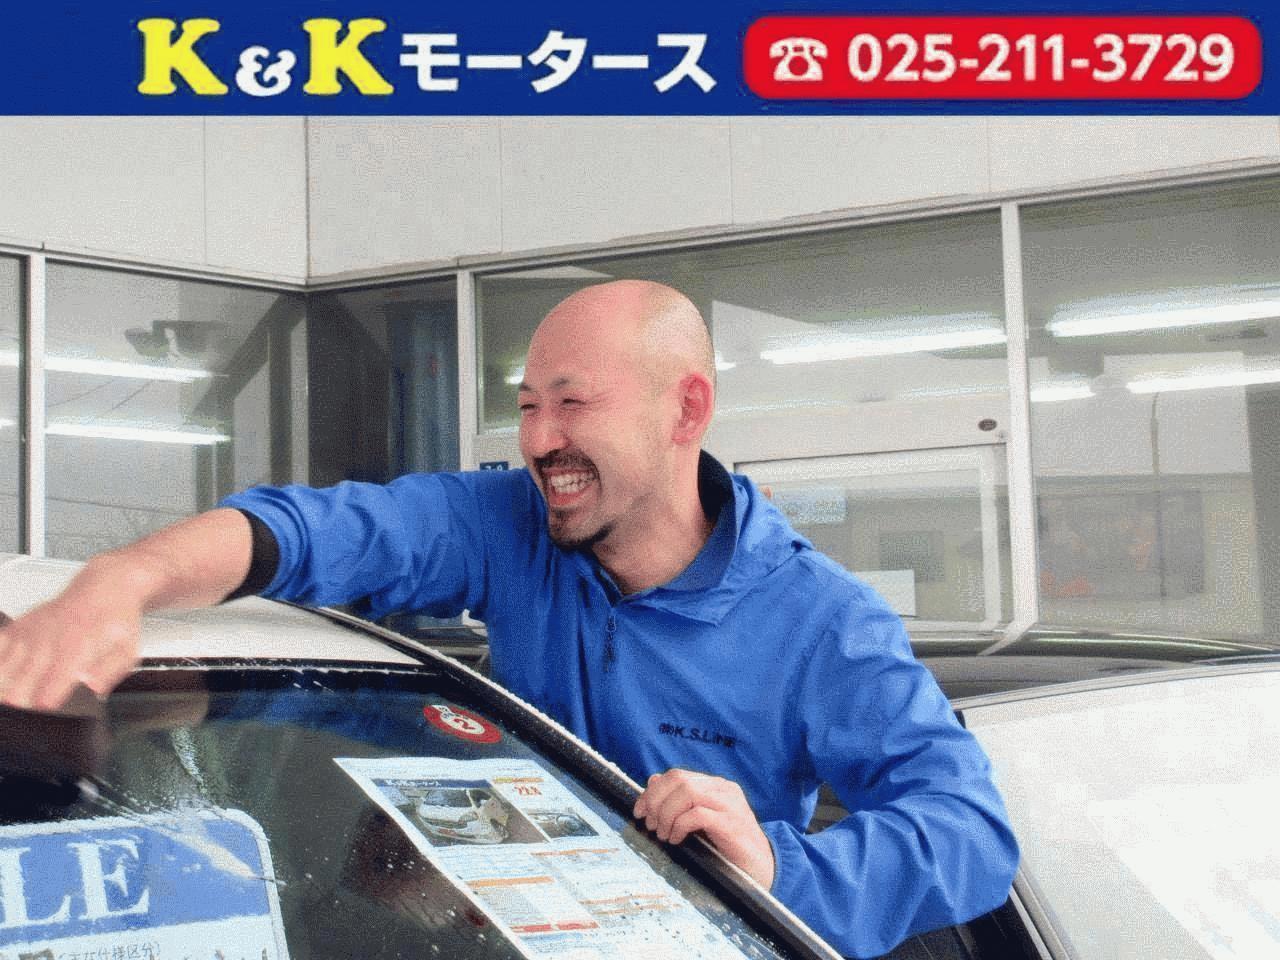 営業担当の田辺です。 納車時にはお車の内外装を精一杯きれいにさせて頂いております。 元気な挨拶、明るくお客様に寄り添った接客を心がけて仕事をしていますので御来店時にはお気軽にお声かけ下さい。 頭が目立ちますのでお店と共に覚えて頂ければ幸いです( ´∀` ) お車の事ならK&Kモータース!何卒よろしくお願いいたします!